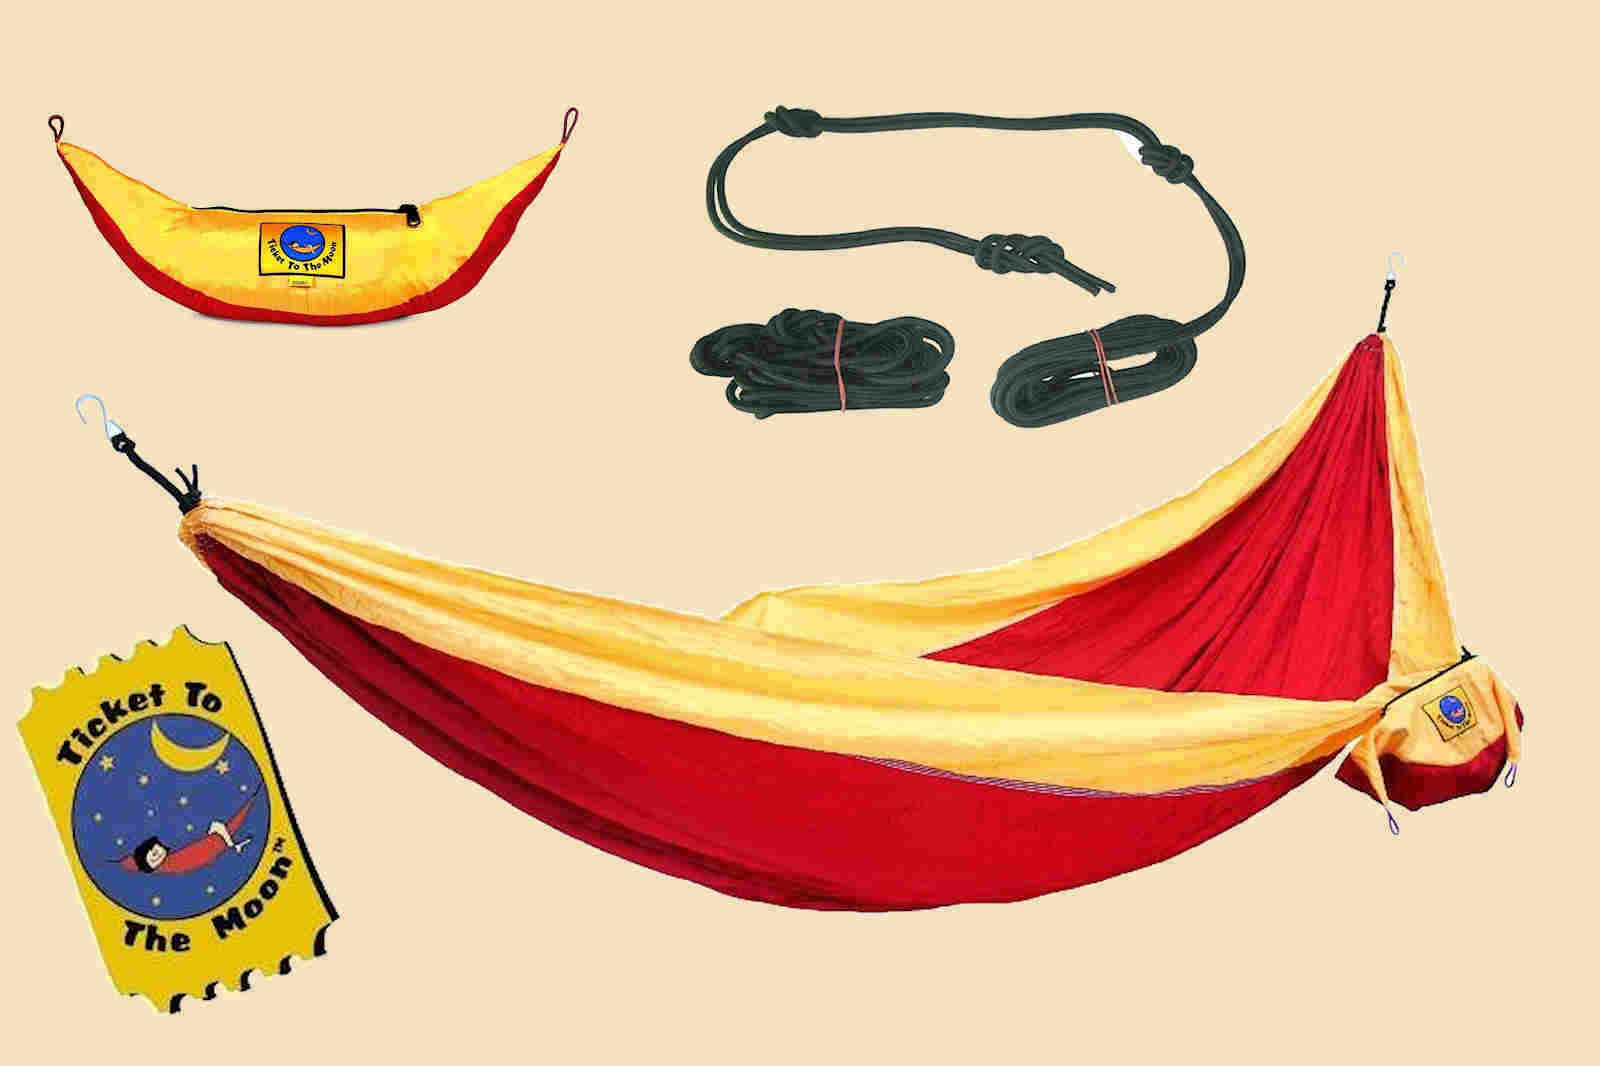 TTTM Doppelhängematte  Reise- Hängematte bis 200 kg red - yellow oder Seil zur Wahl  on sale